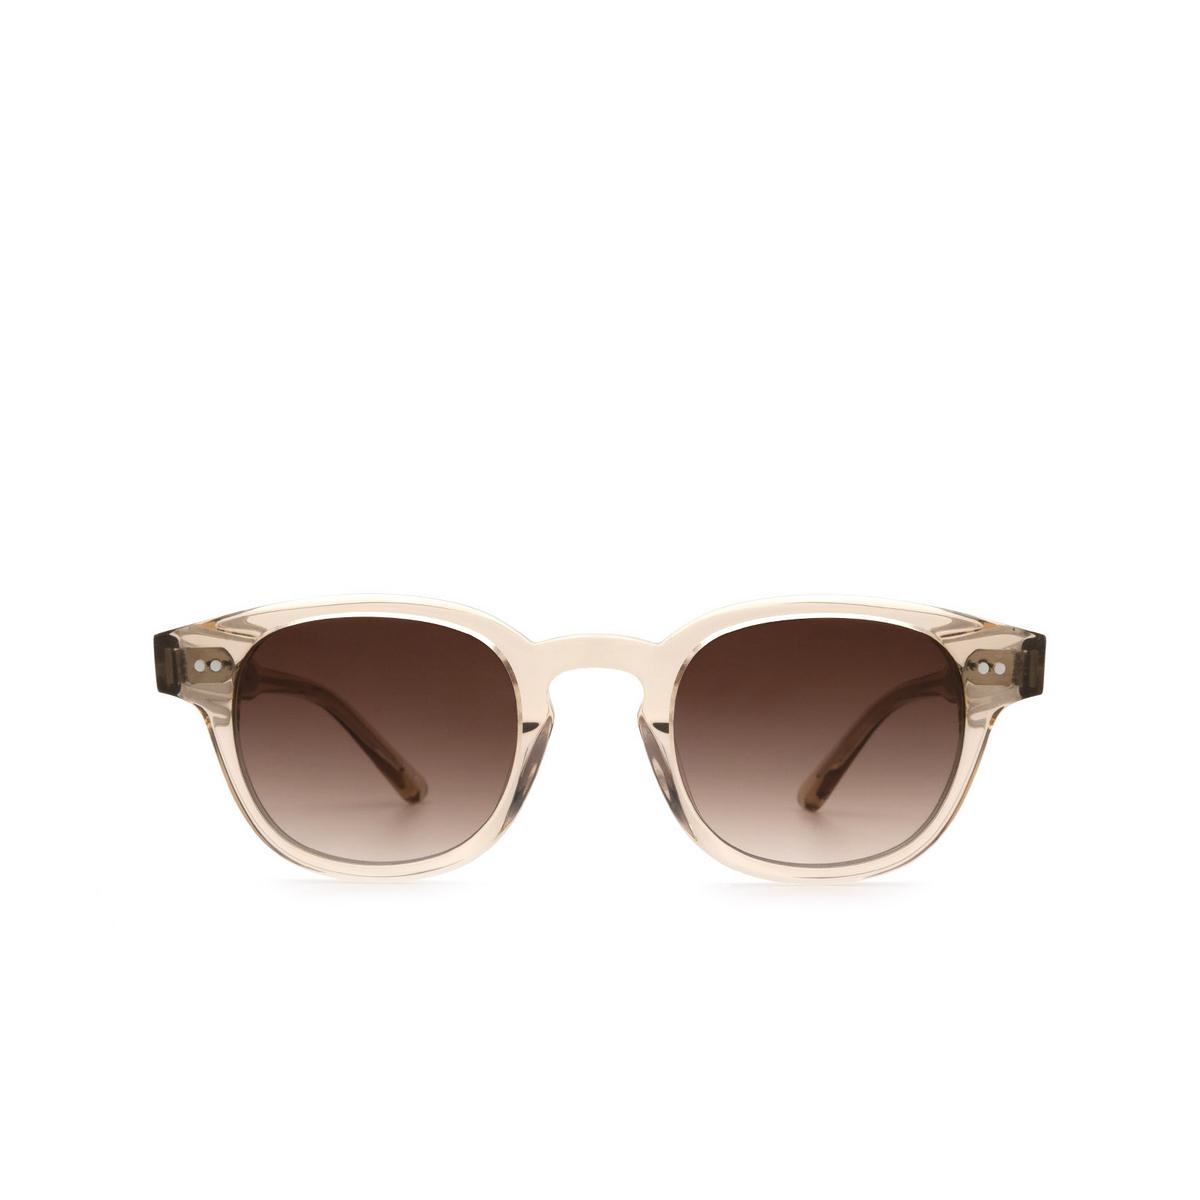 Chimi® Square Sunglasses: 01 color Ecru - front view.